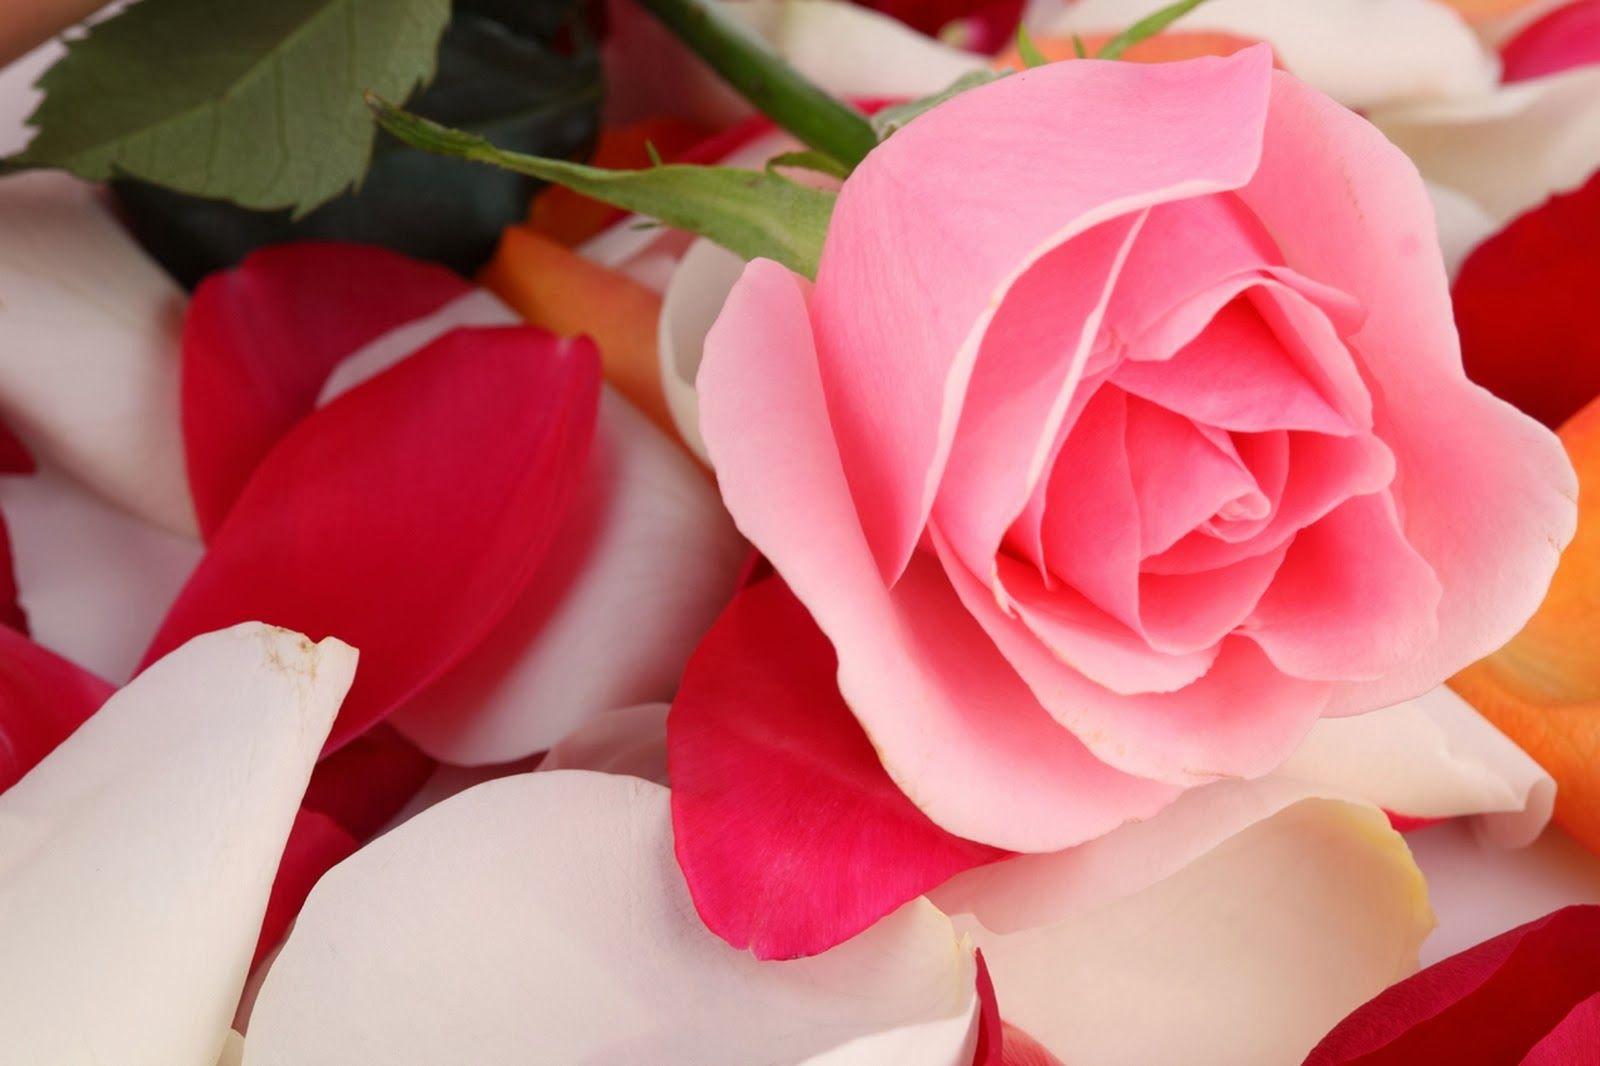 Wallpaper Foto Dan Gambar Bunga Cantik Untuk Laptop Satria Baja Hitam Rose Wallpaper Flower Wallpaper Rose Flower